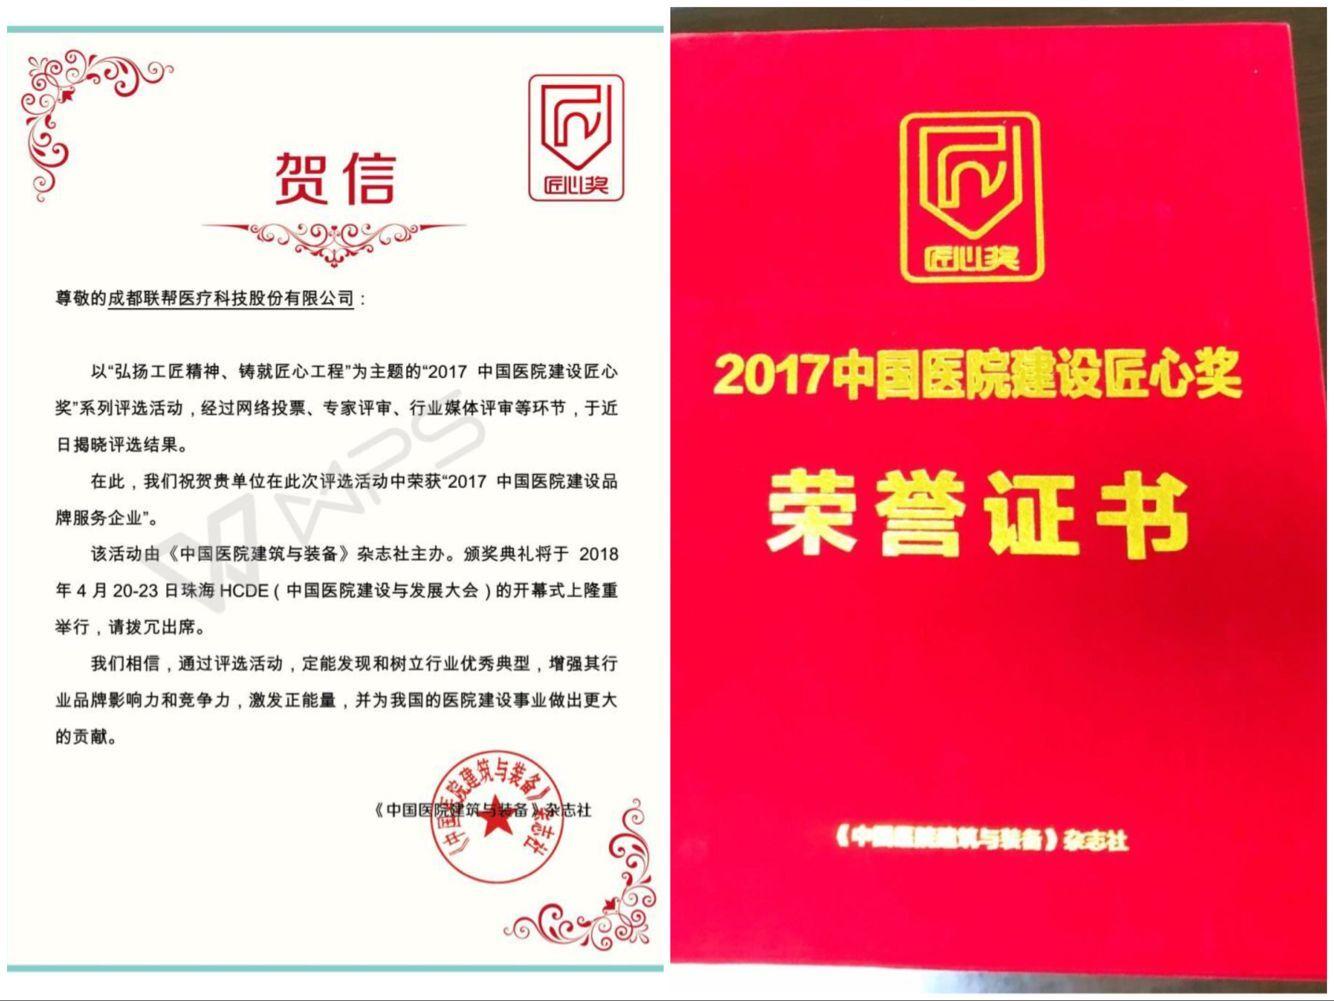 2017中国医院建设匠心奖